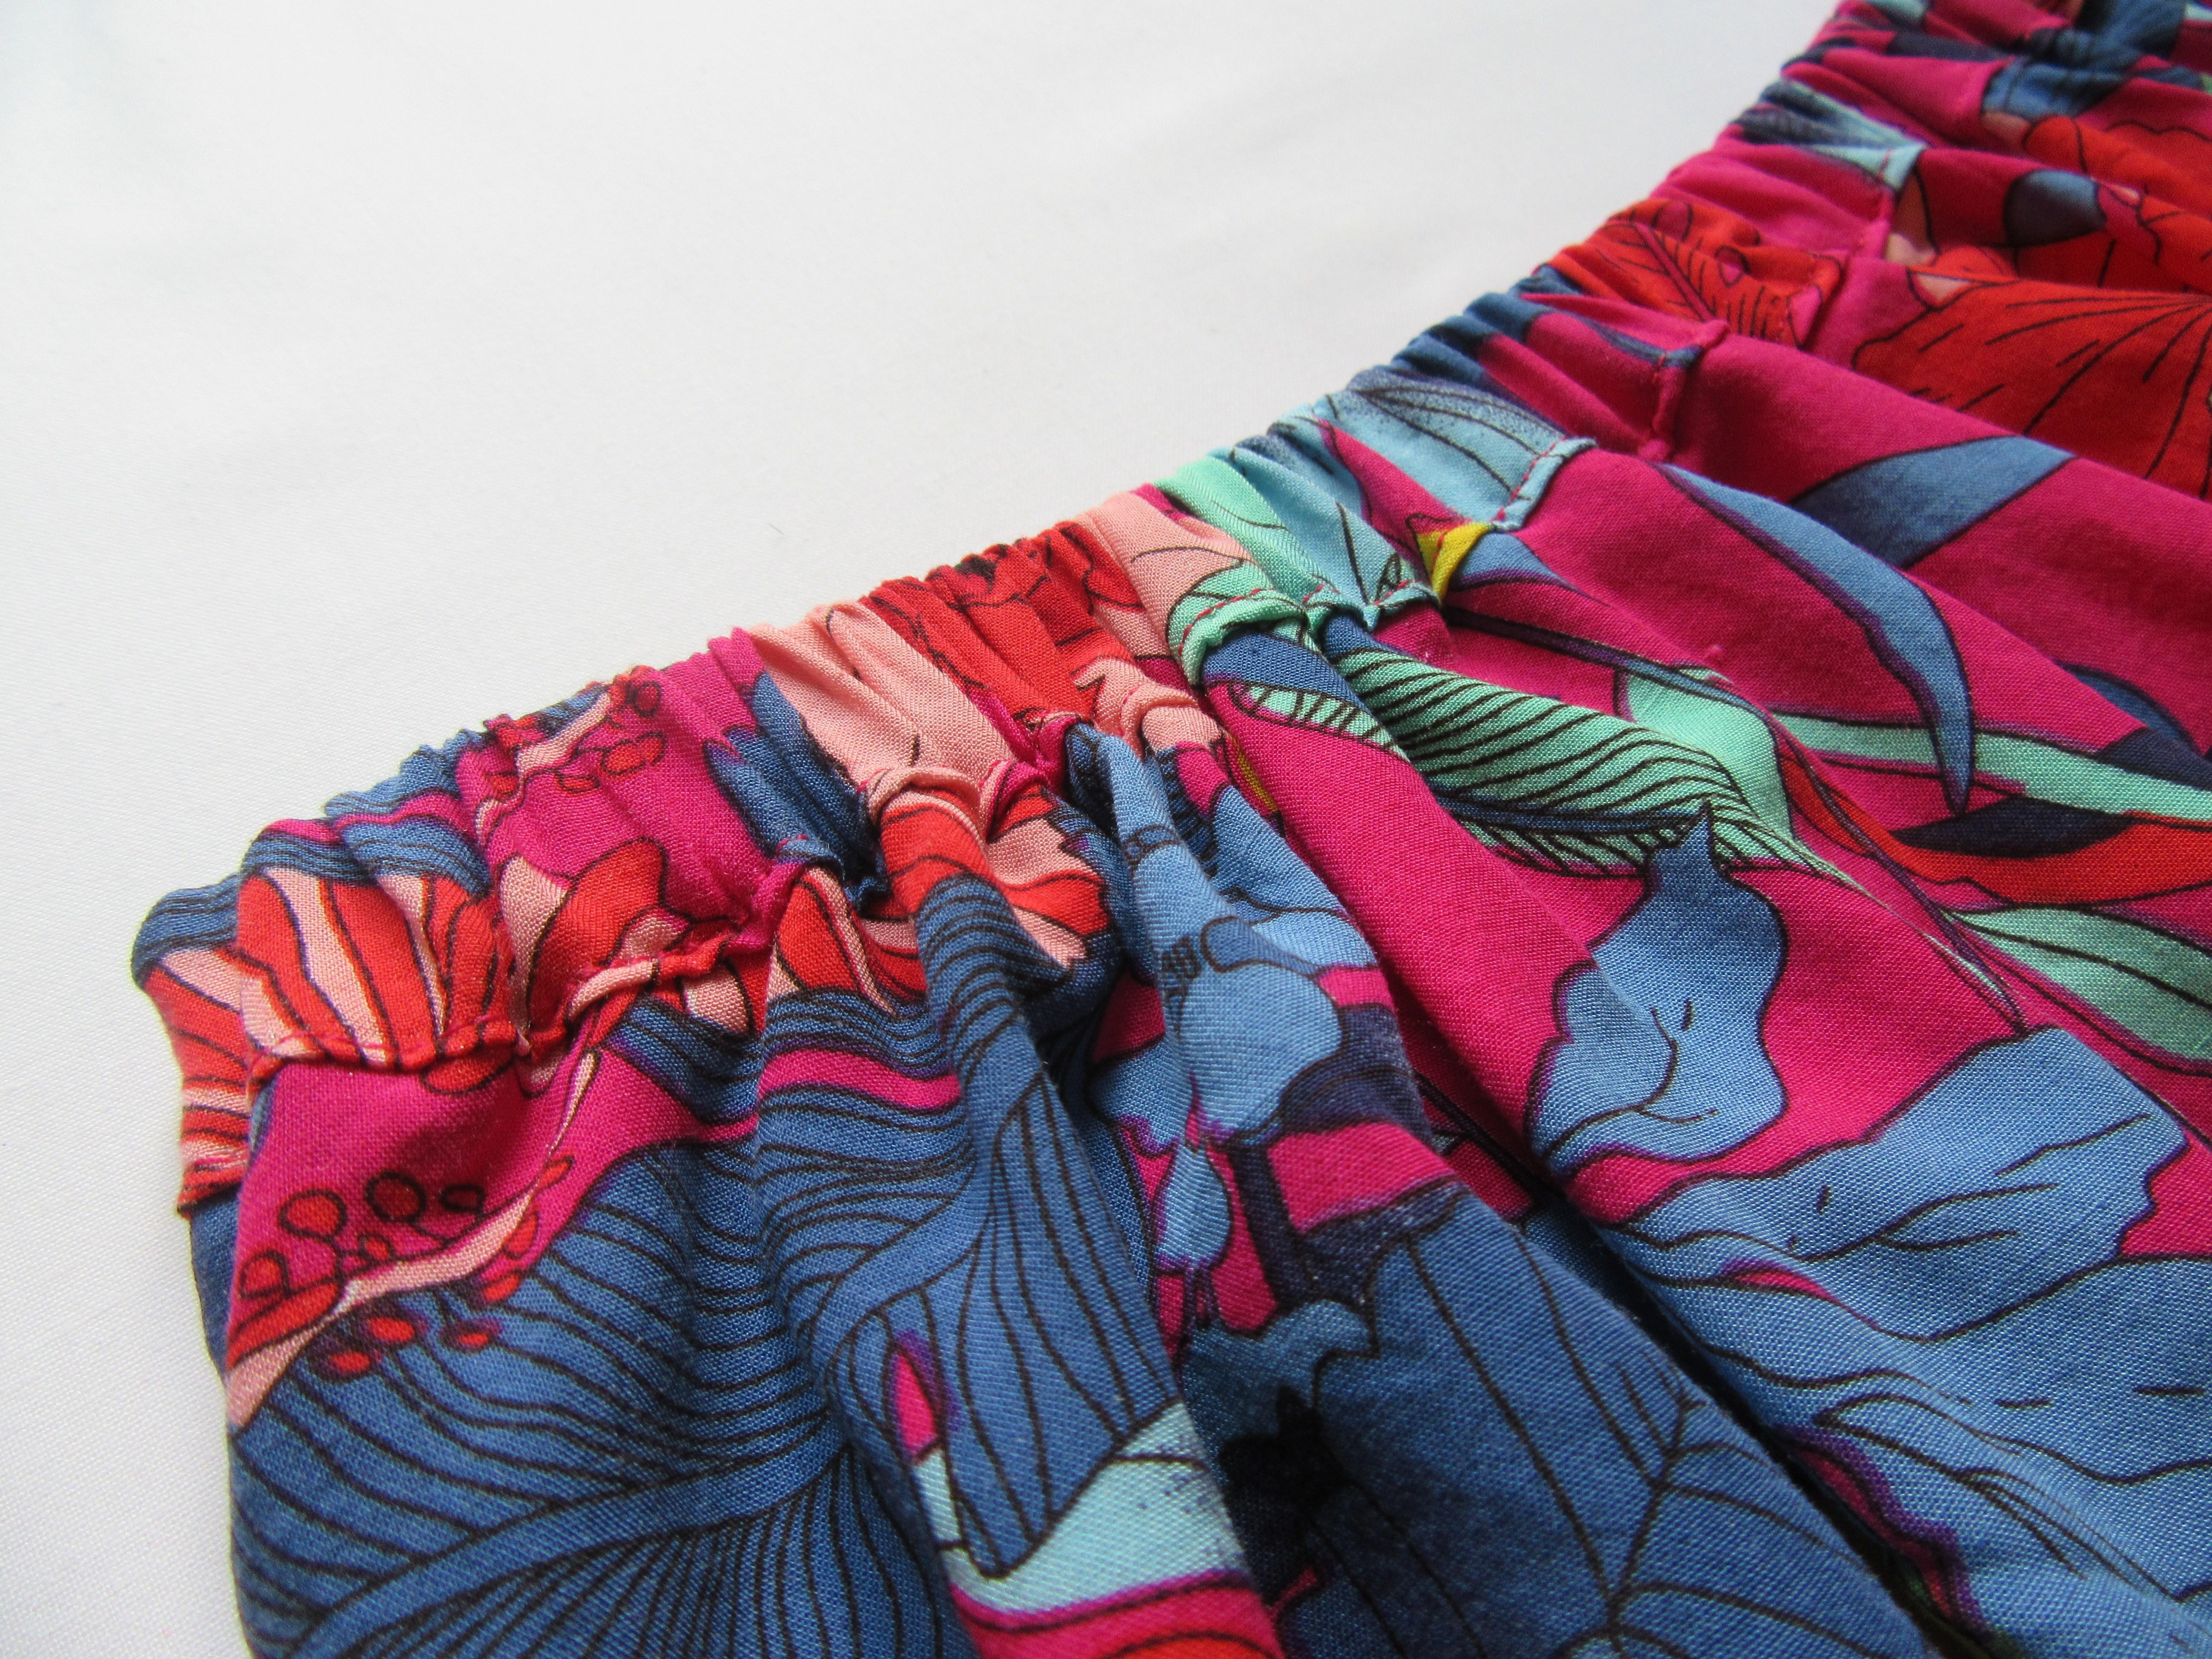 Tuto couture : comment coudre une jupe sans patron Les